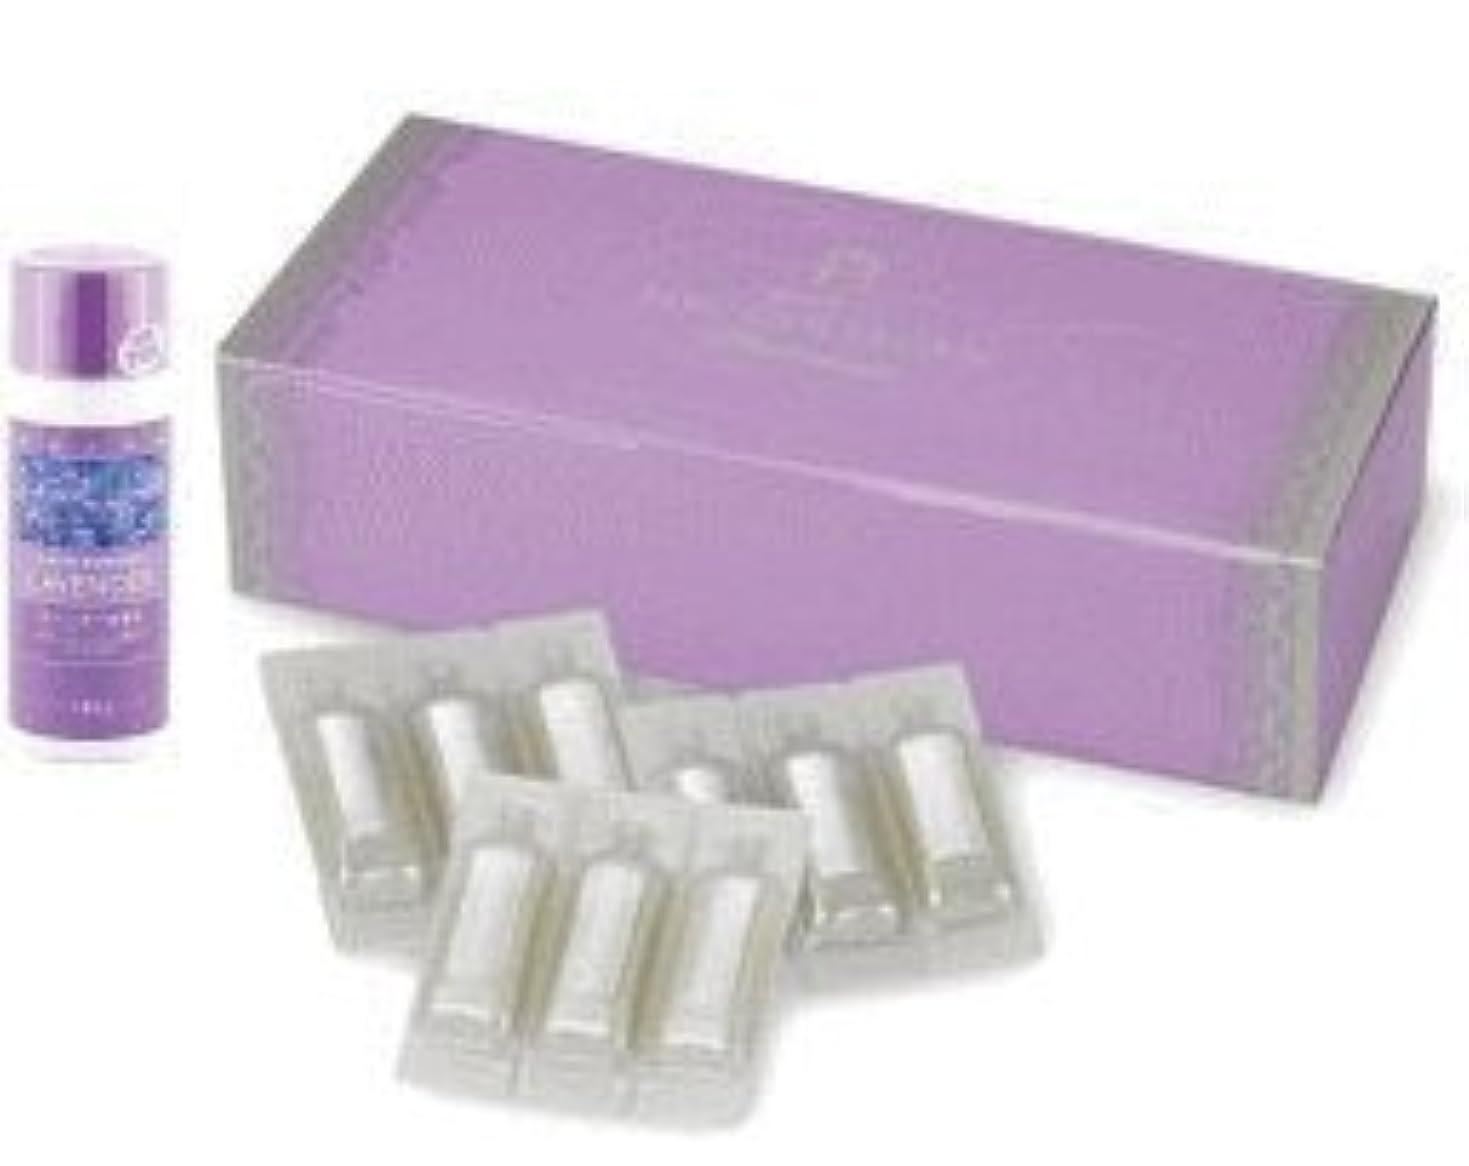 スワップ日の出とげアリミノ 塗るサプリ HSCコラーゲンプラチナム 5ml×18本入 入浴剤セット